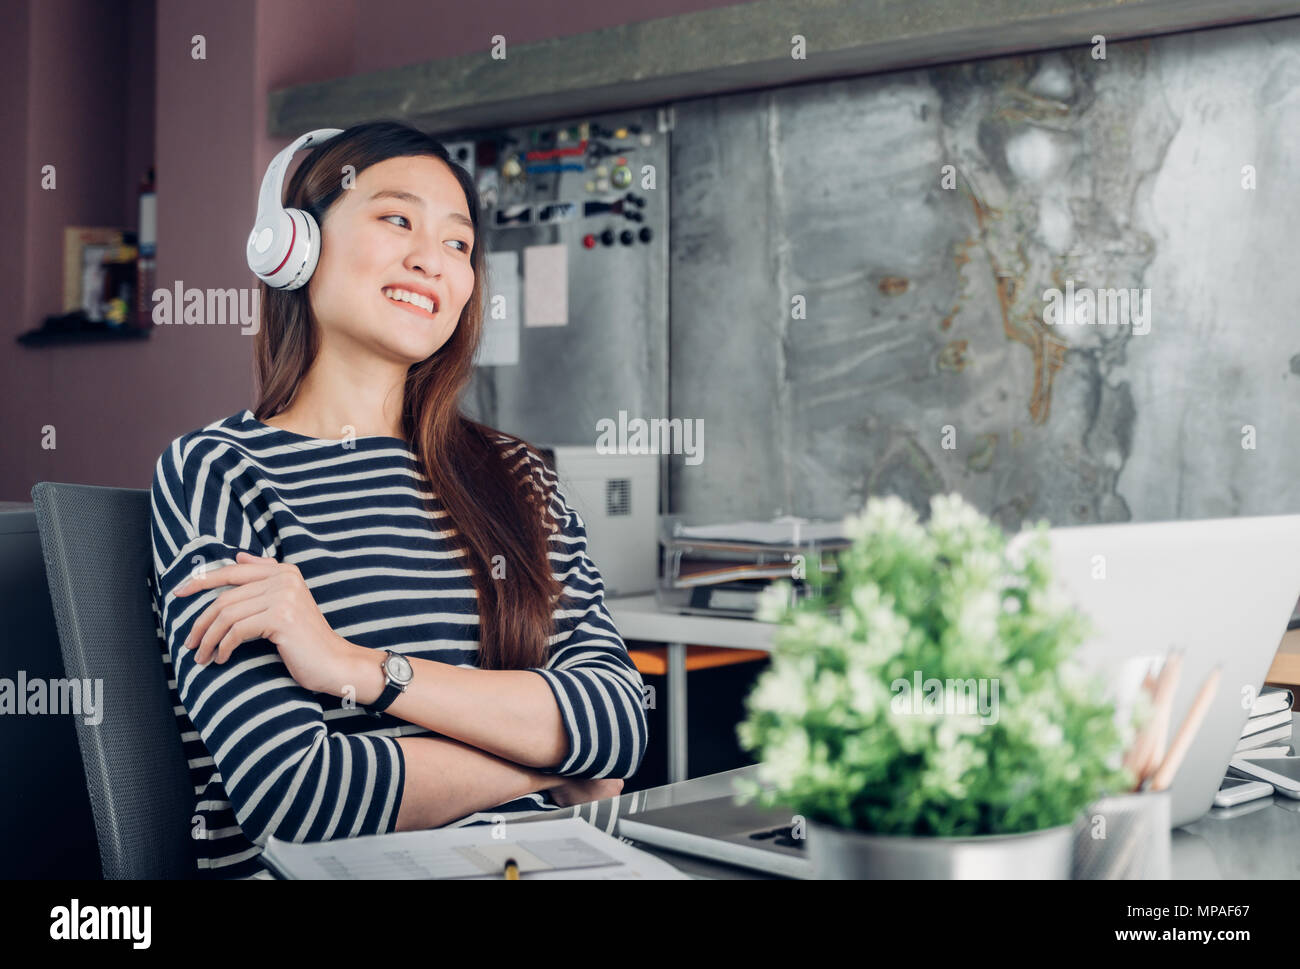 Los jóvenes asiáticos empresaria casual el brazo en posición de descanso de escritorio con ordenador portátil y escuchar música a través de auriculares, y mirando a través de la ventana de la oficina ,trabajo Foto de stock